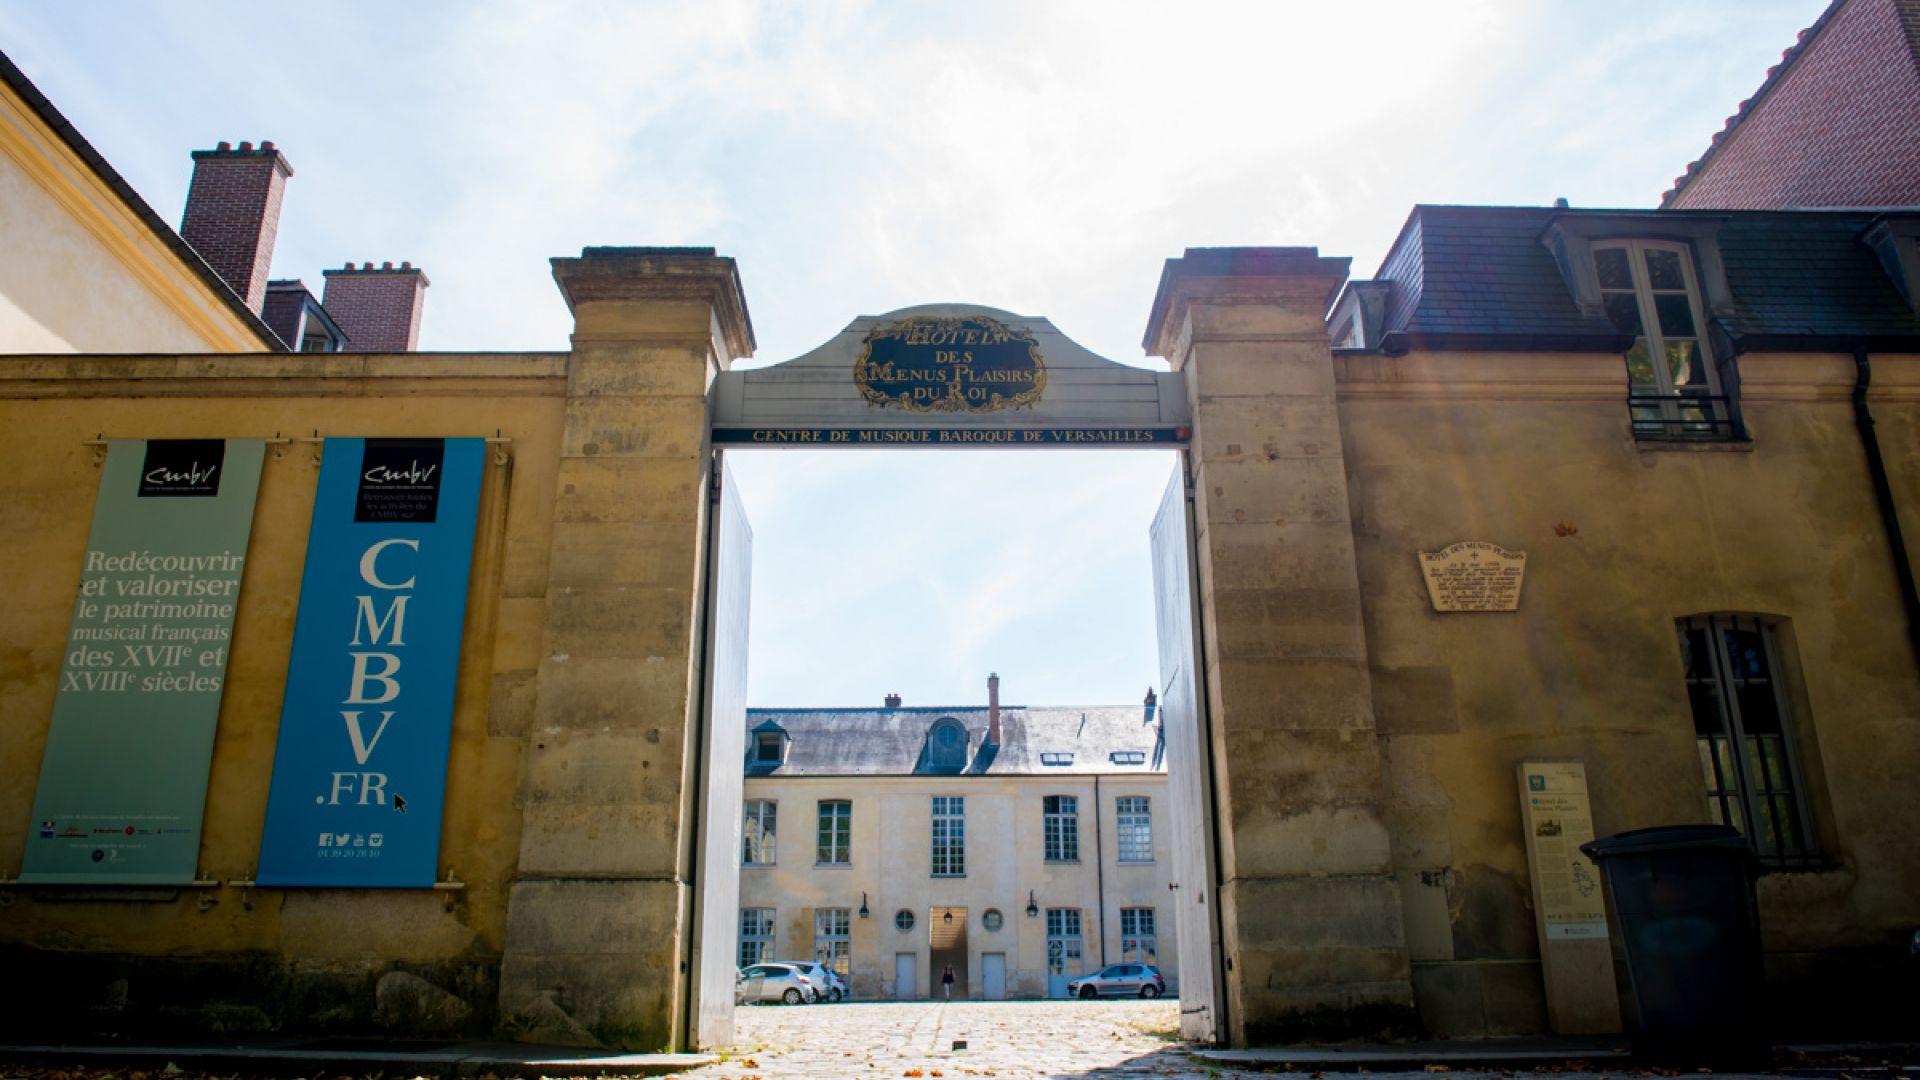 Entrée du Centre de musique baroque de Versailles